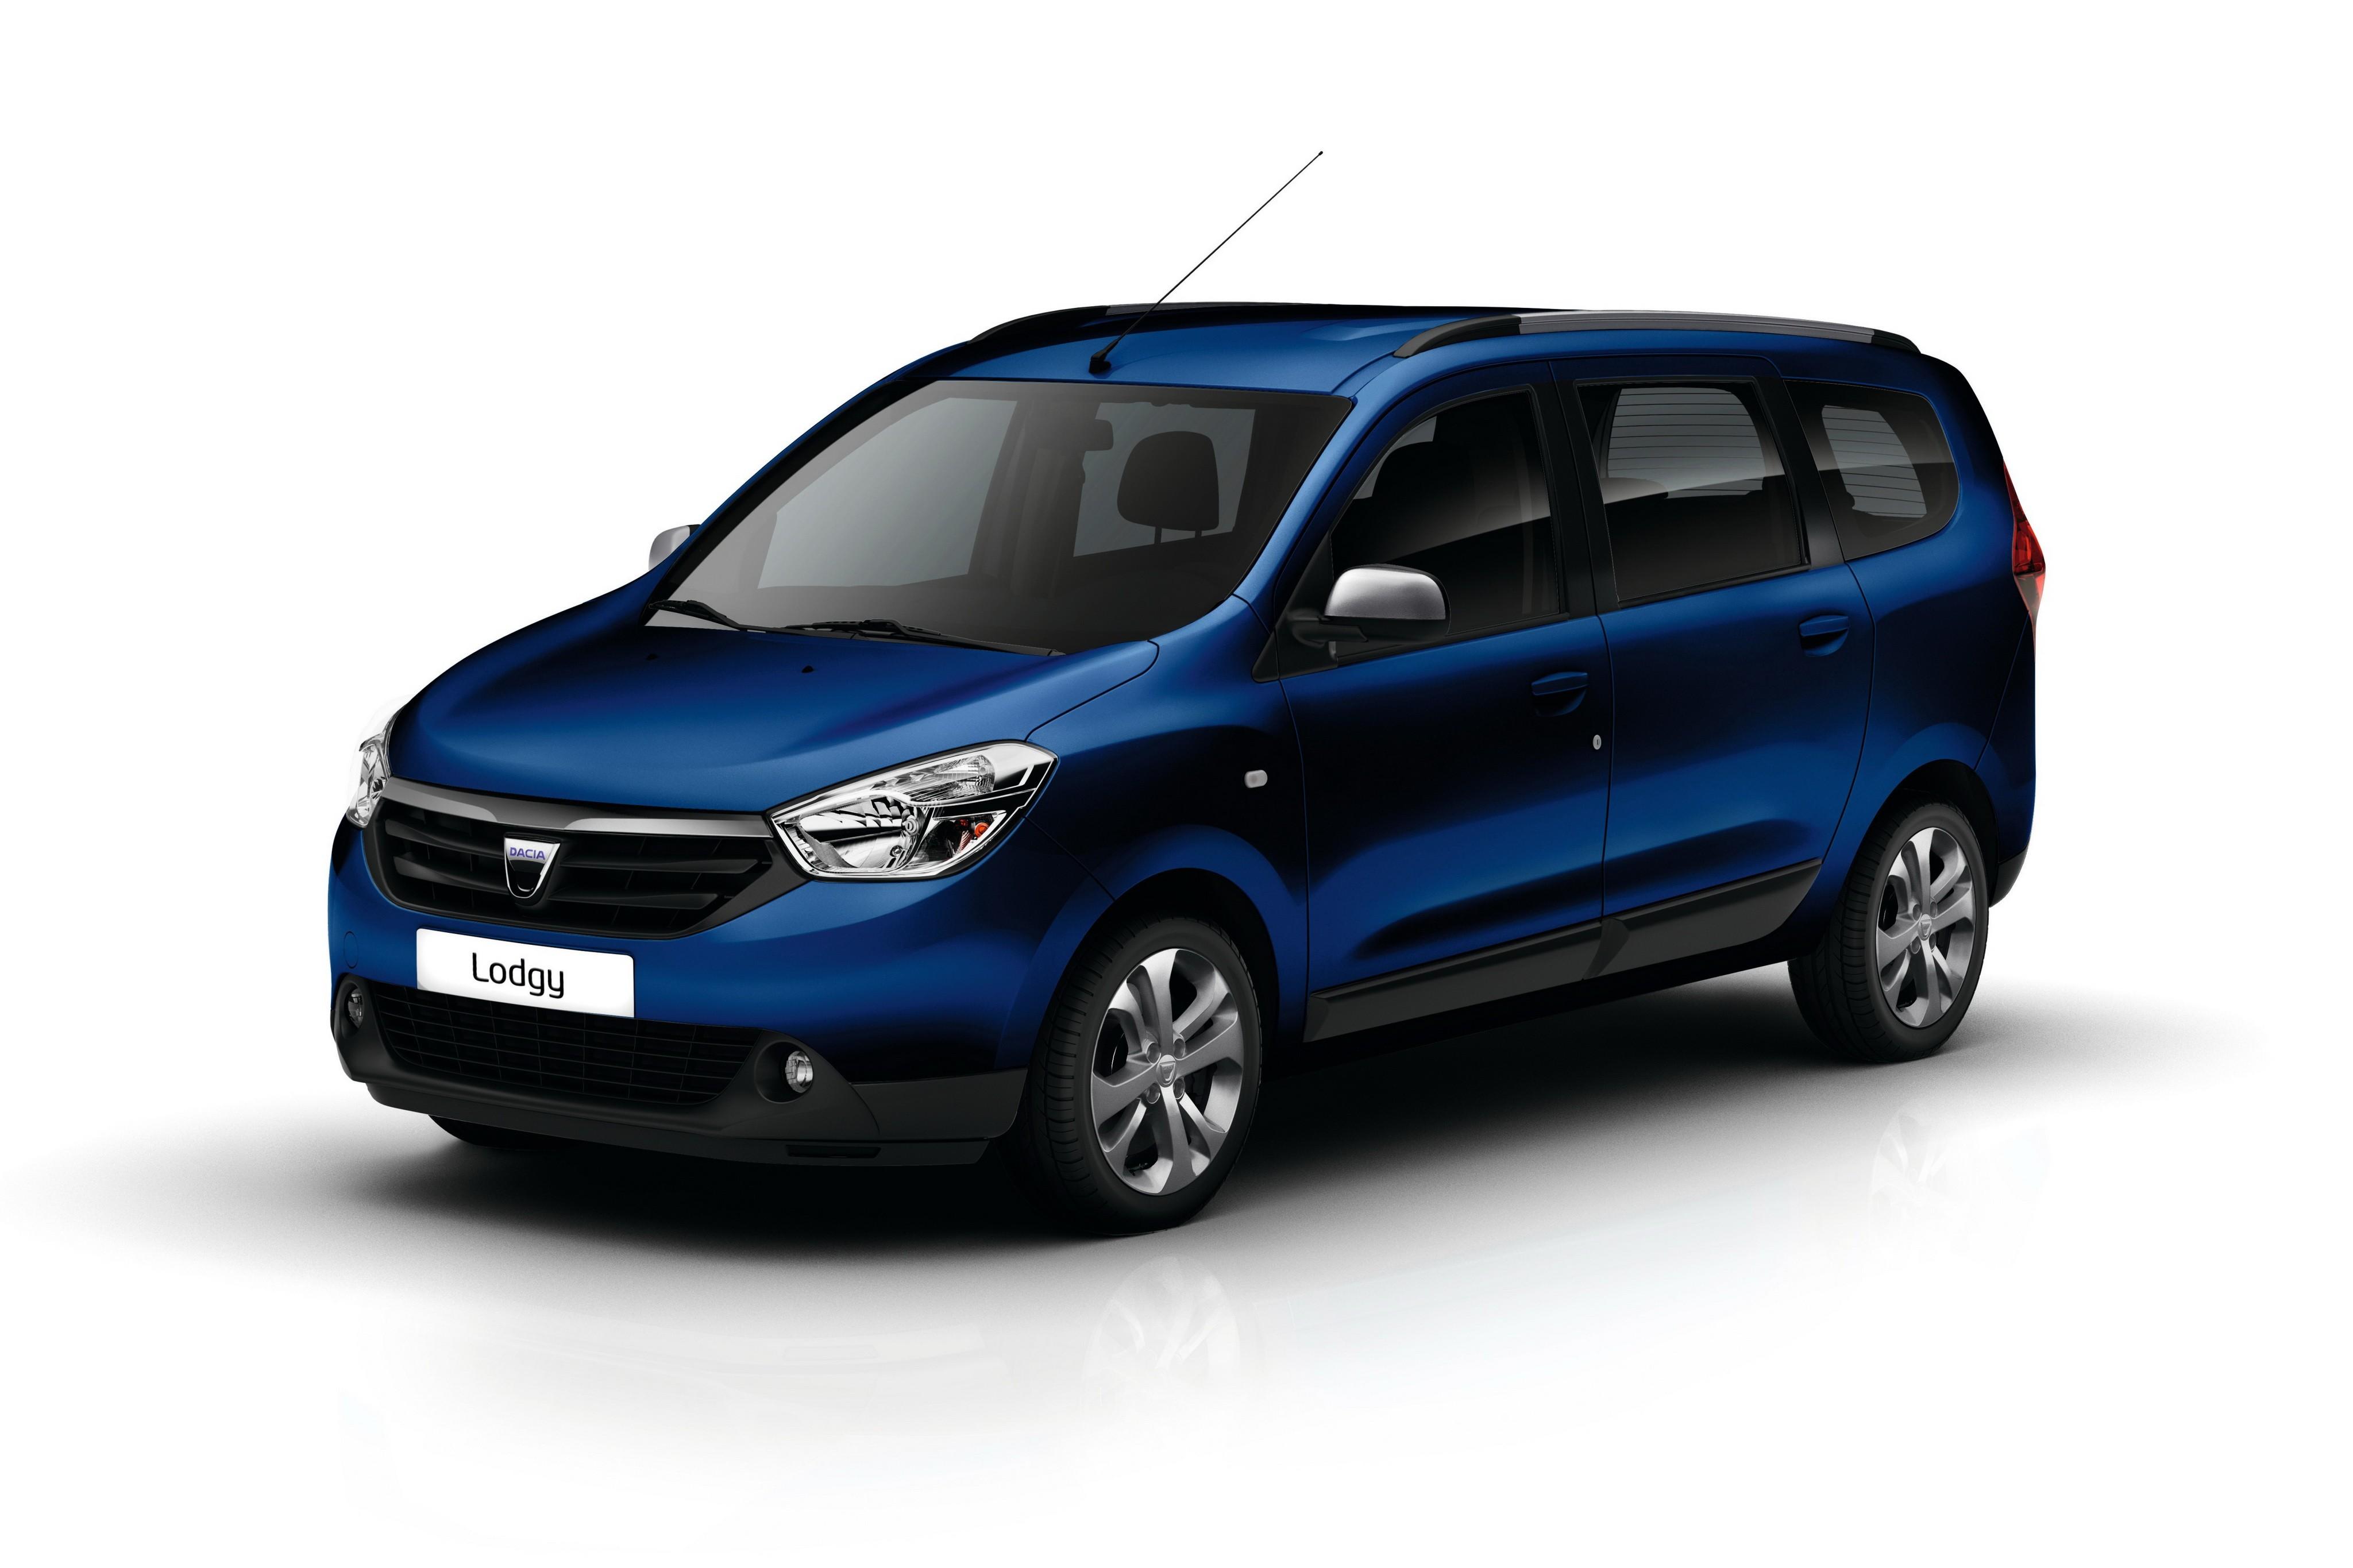 Dacia: DACIA Lodgy Specs & Photos